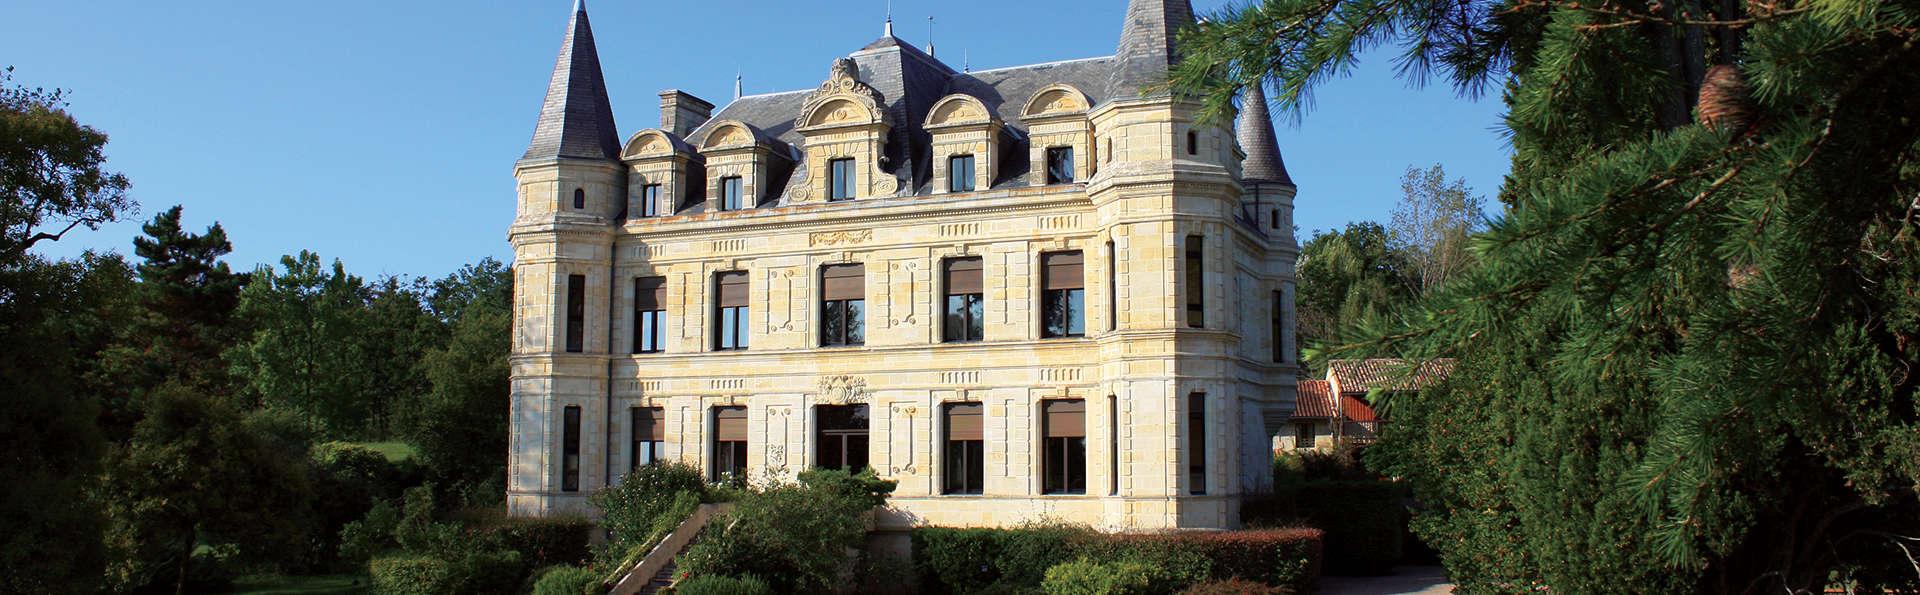 Château Camiac - EDIT_Fachada.jpg